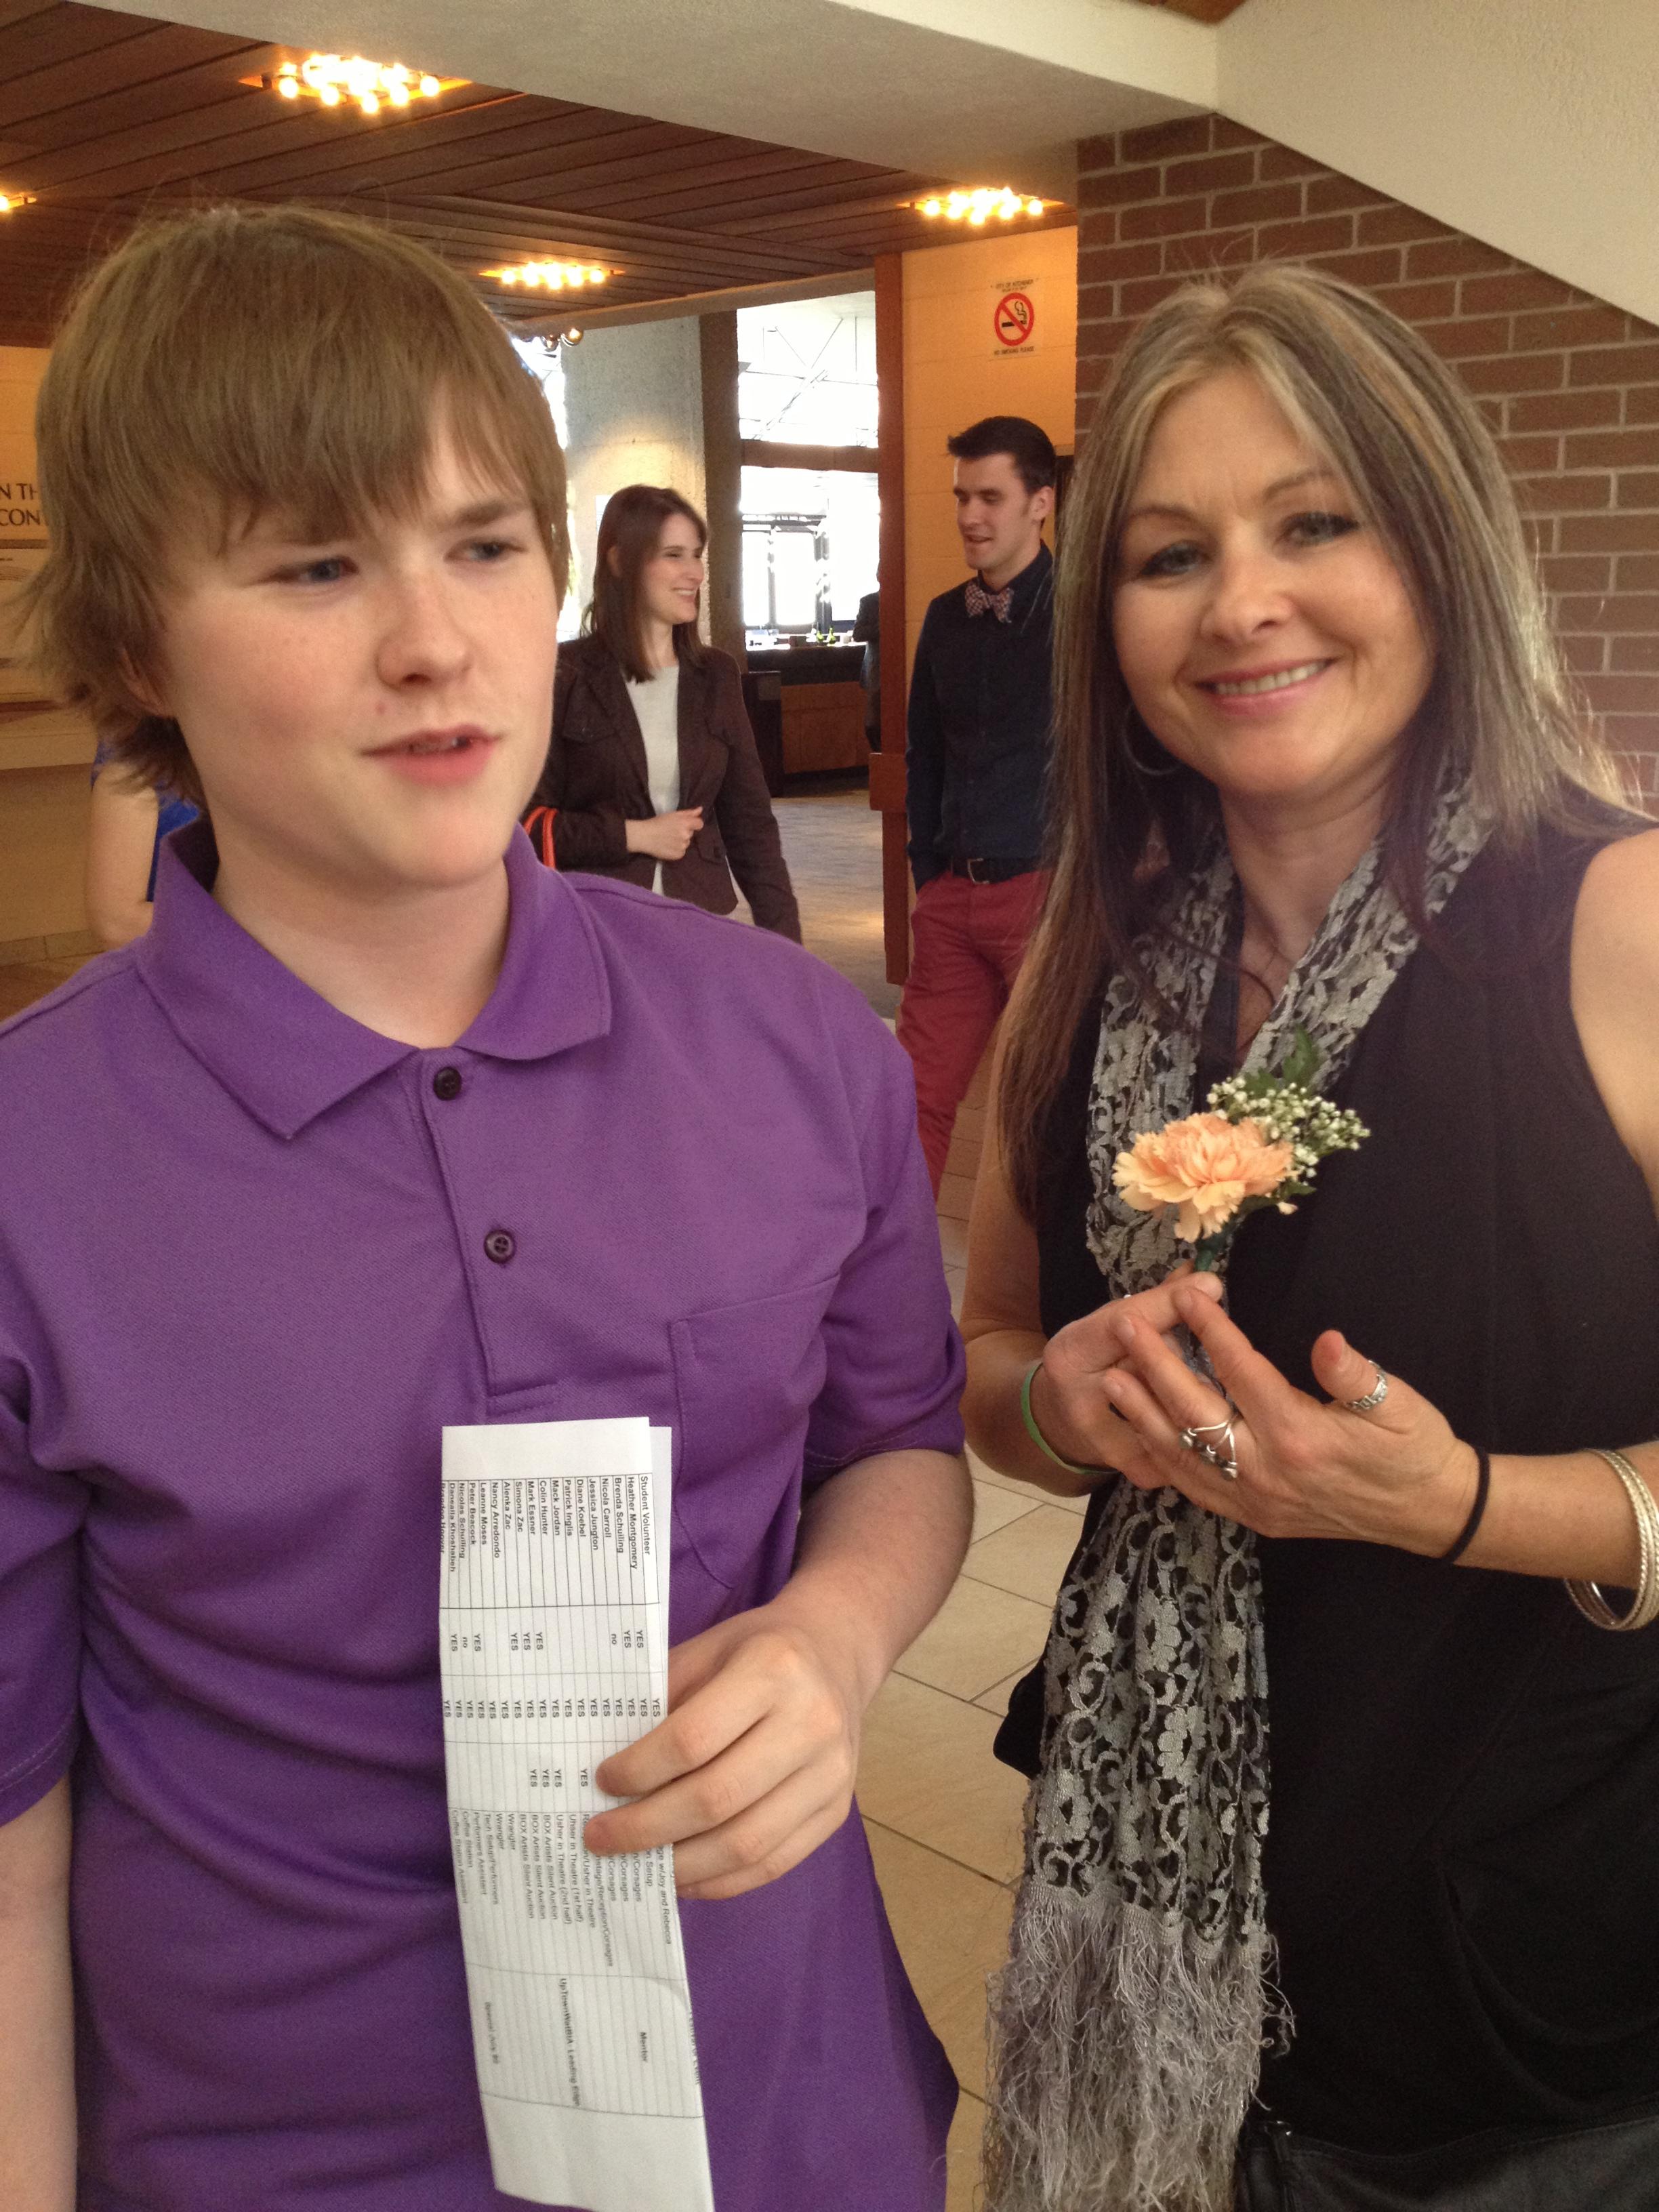 Nicola & Her Son, AAWR Volunteers